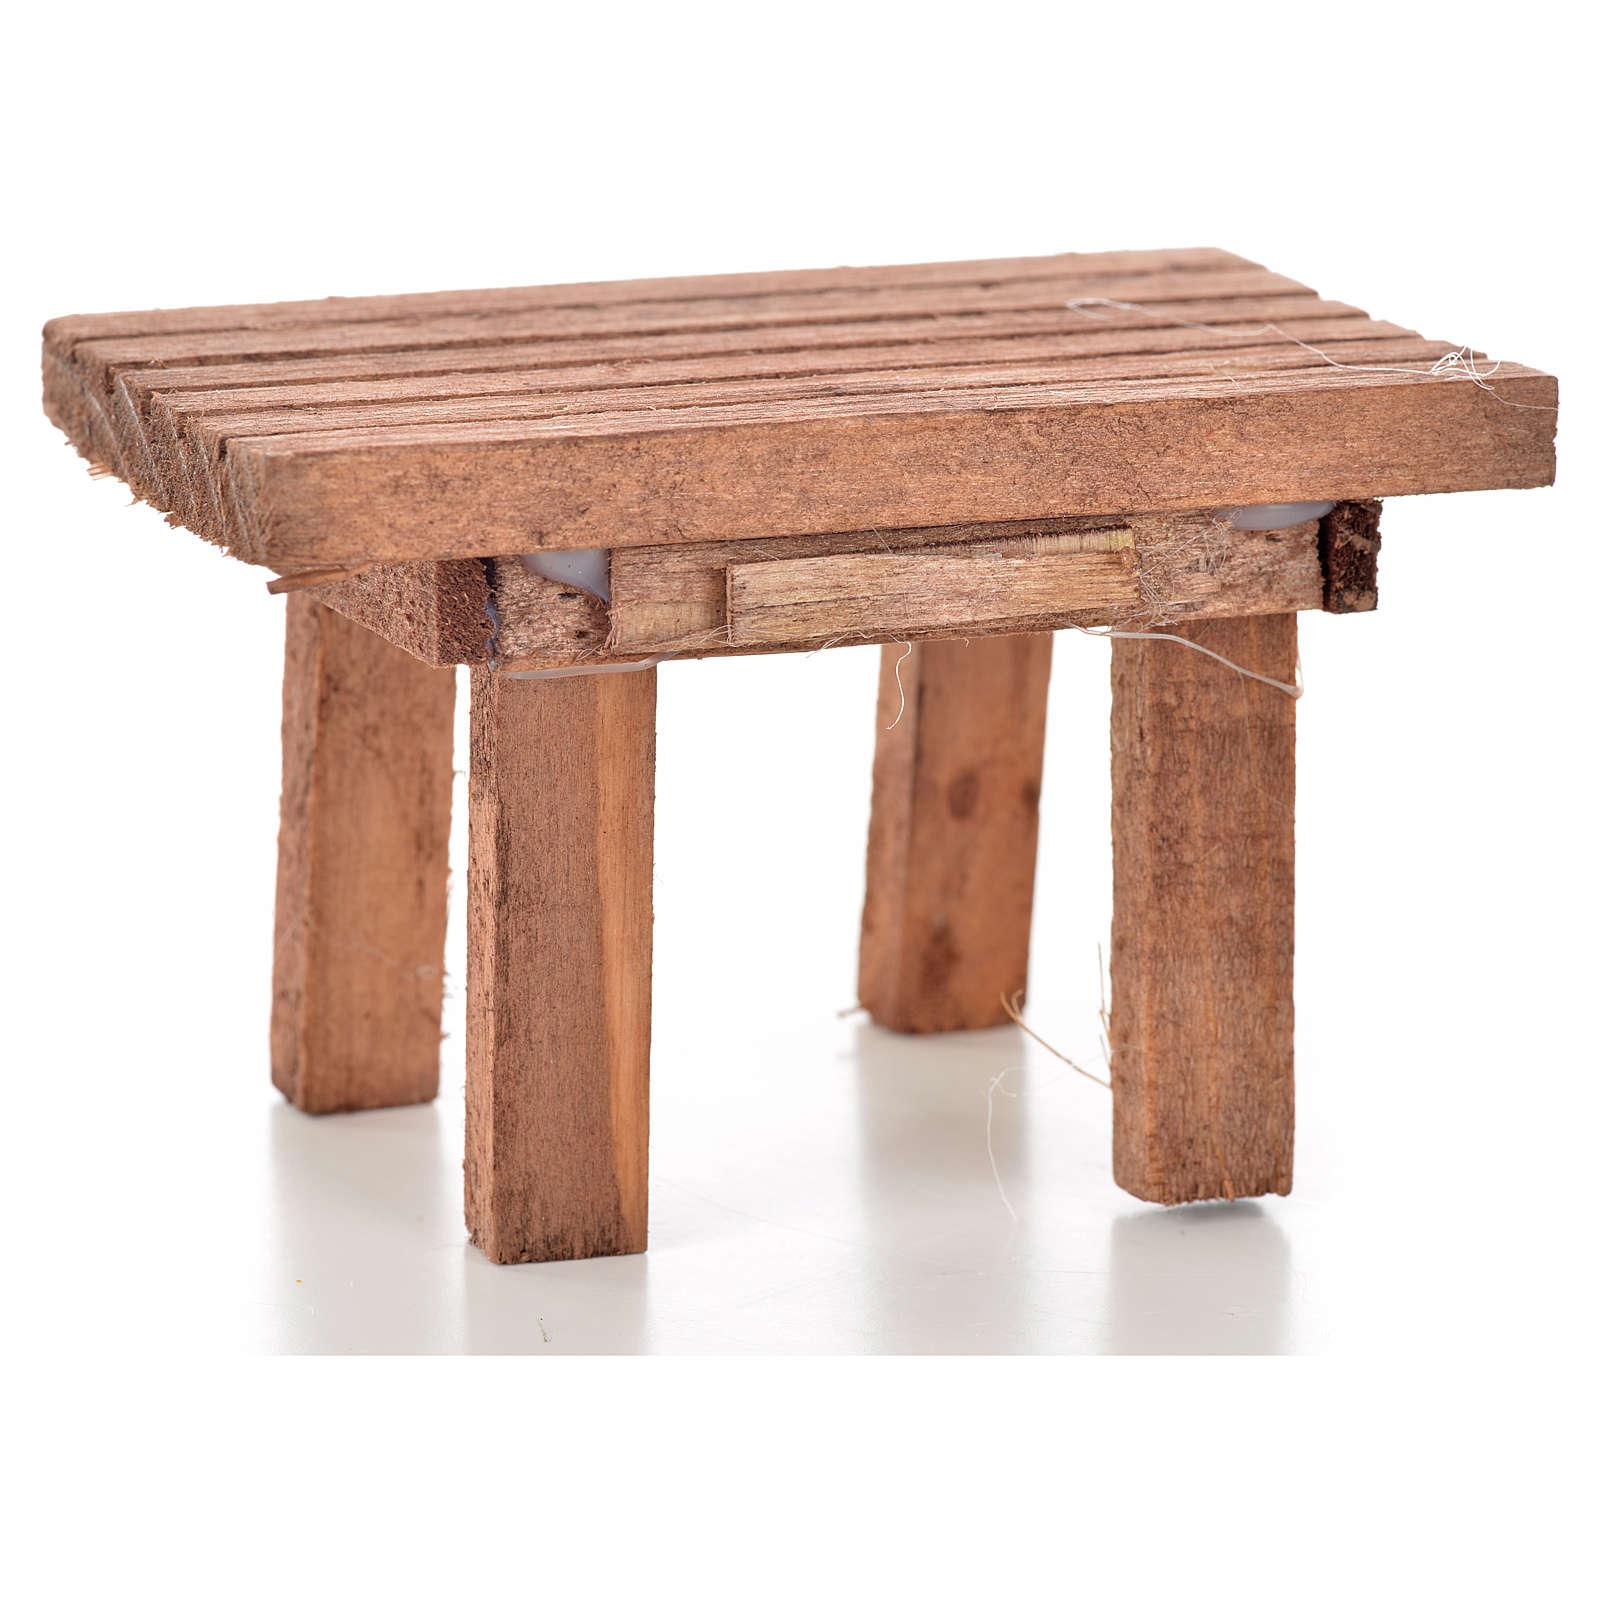 Tisch aus Holz, 8,5x6x5,5cm 4